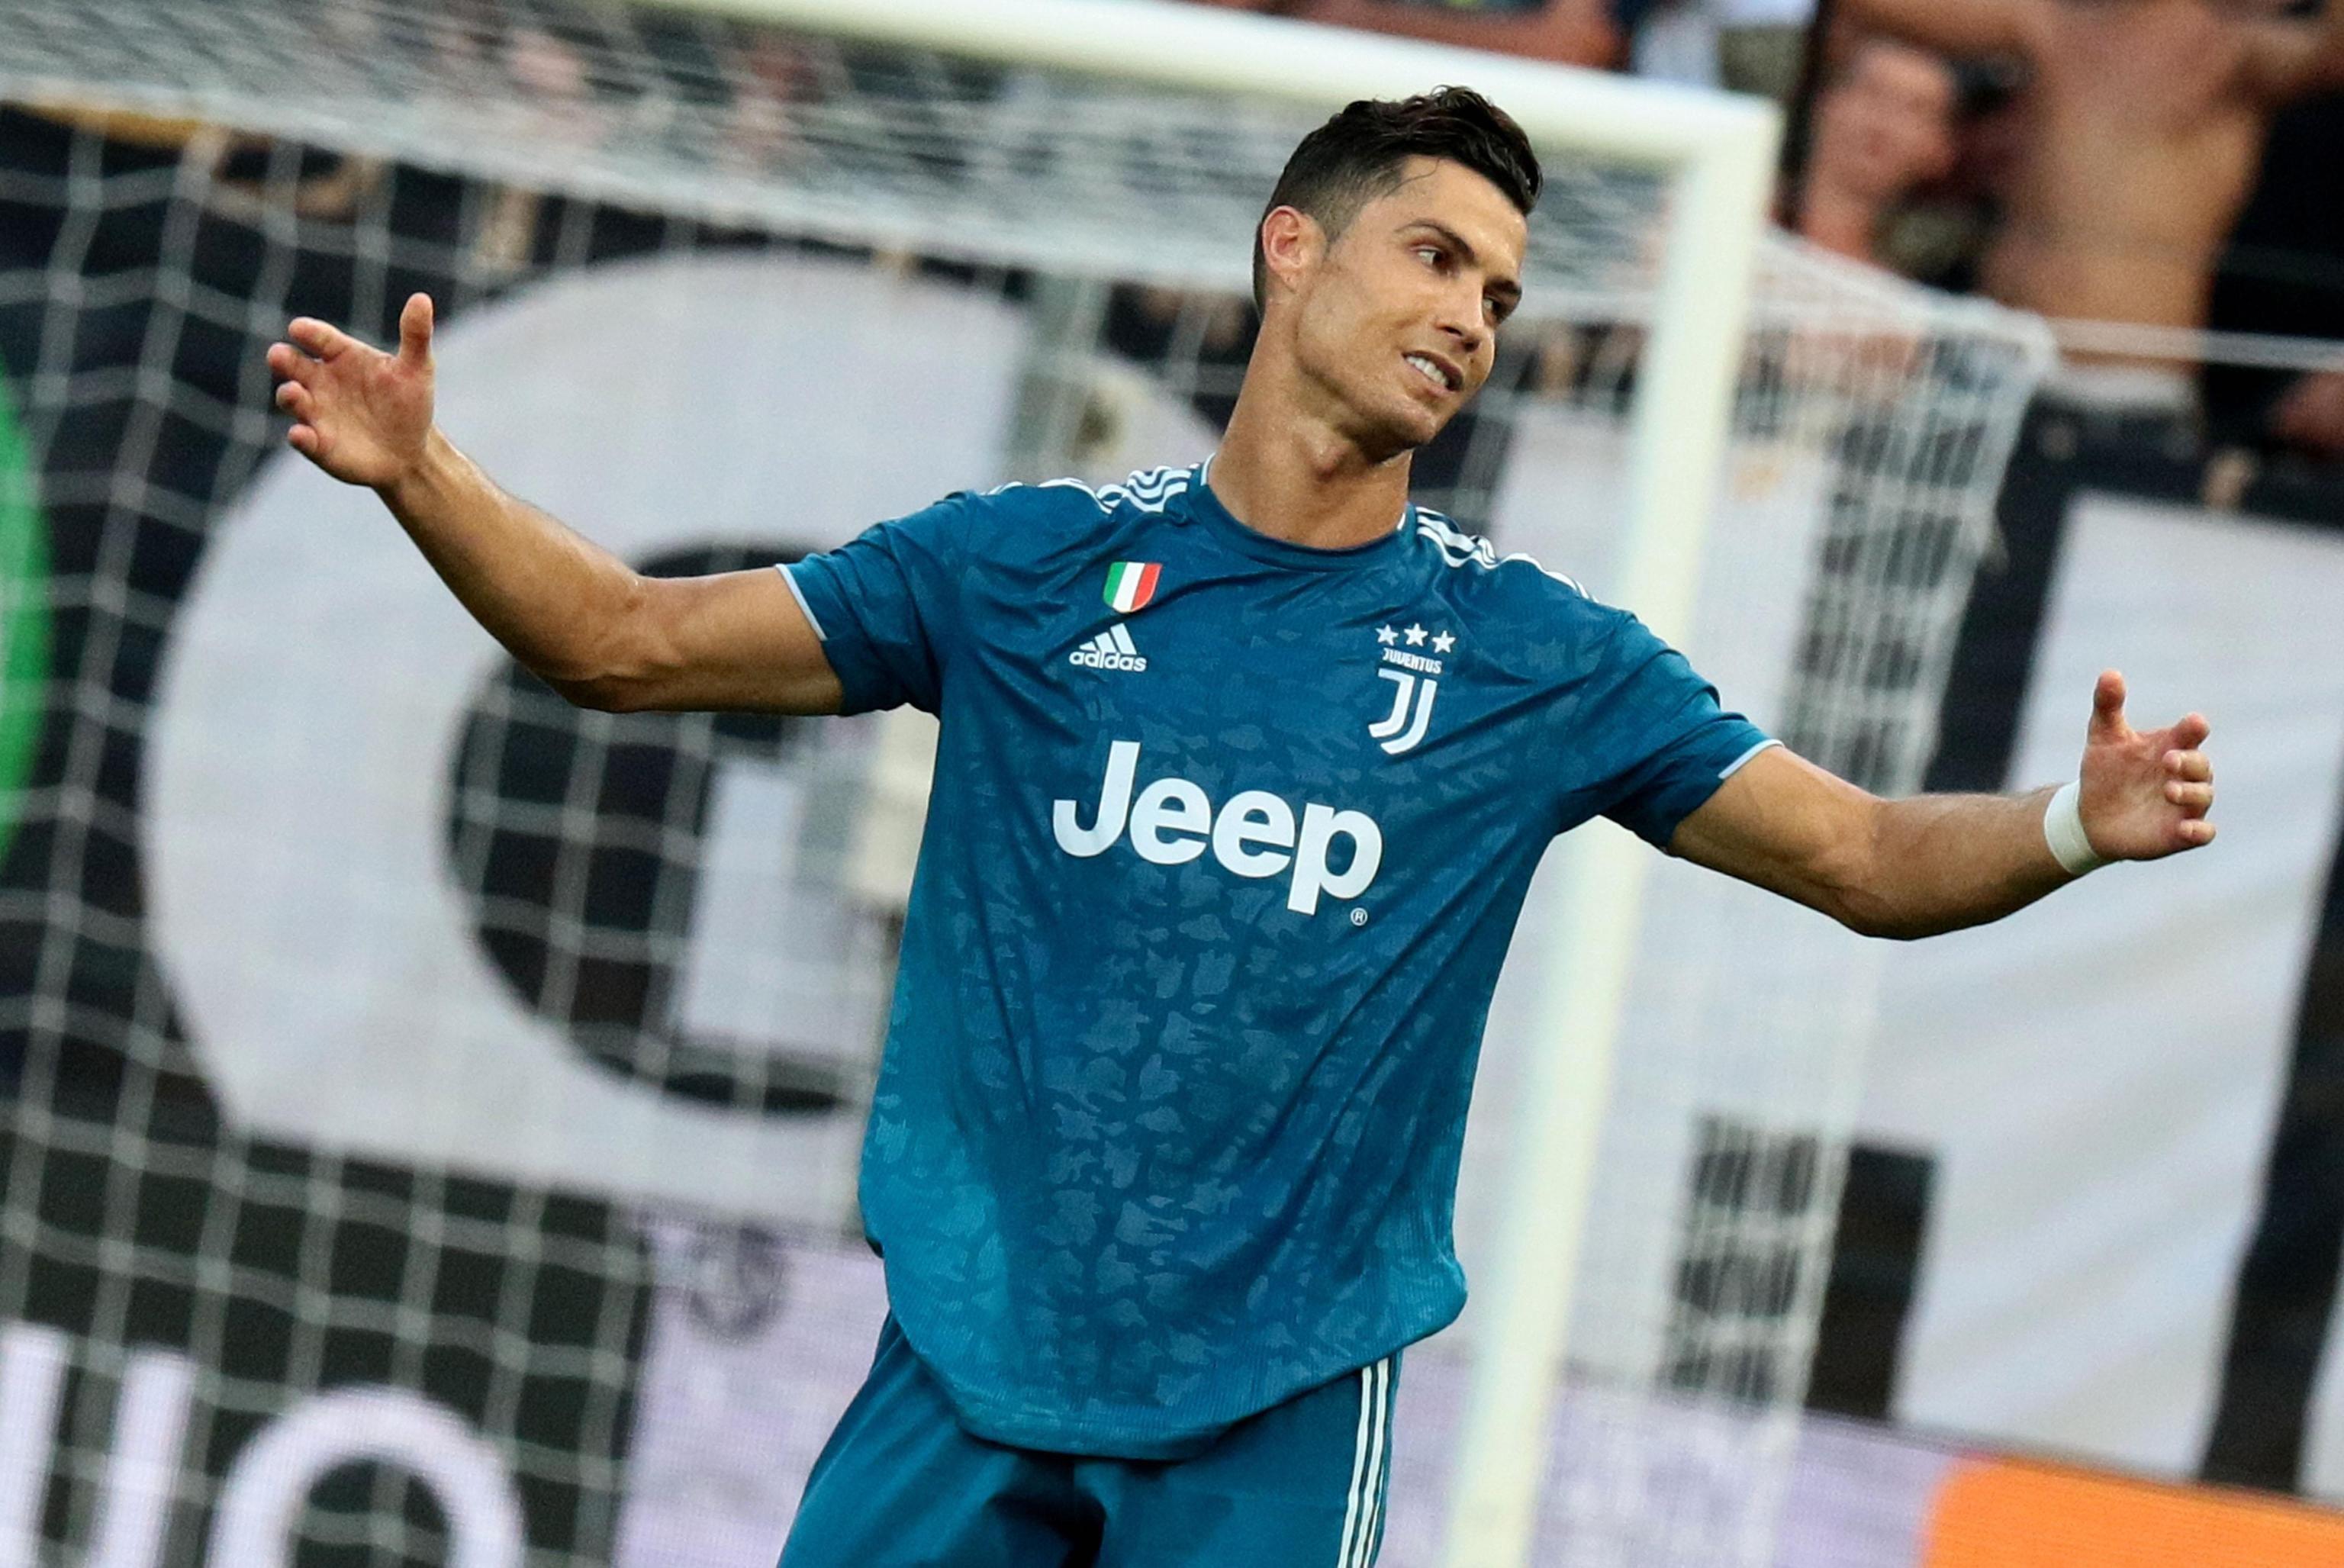 Serie A Si Riparte Il 20 Giugno Con Torino Parma Il Calendario Completo E I Big Match Giornale Di Sicilia